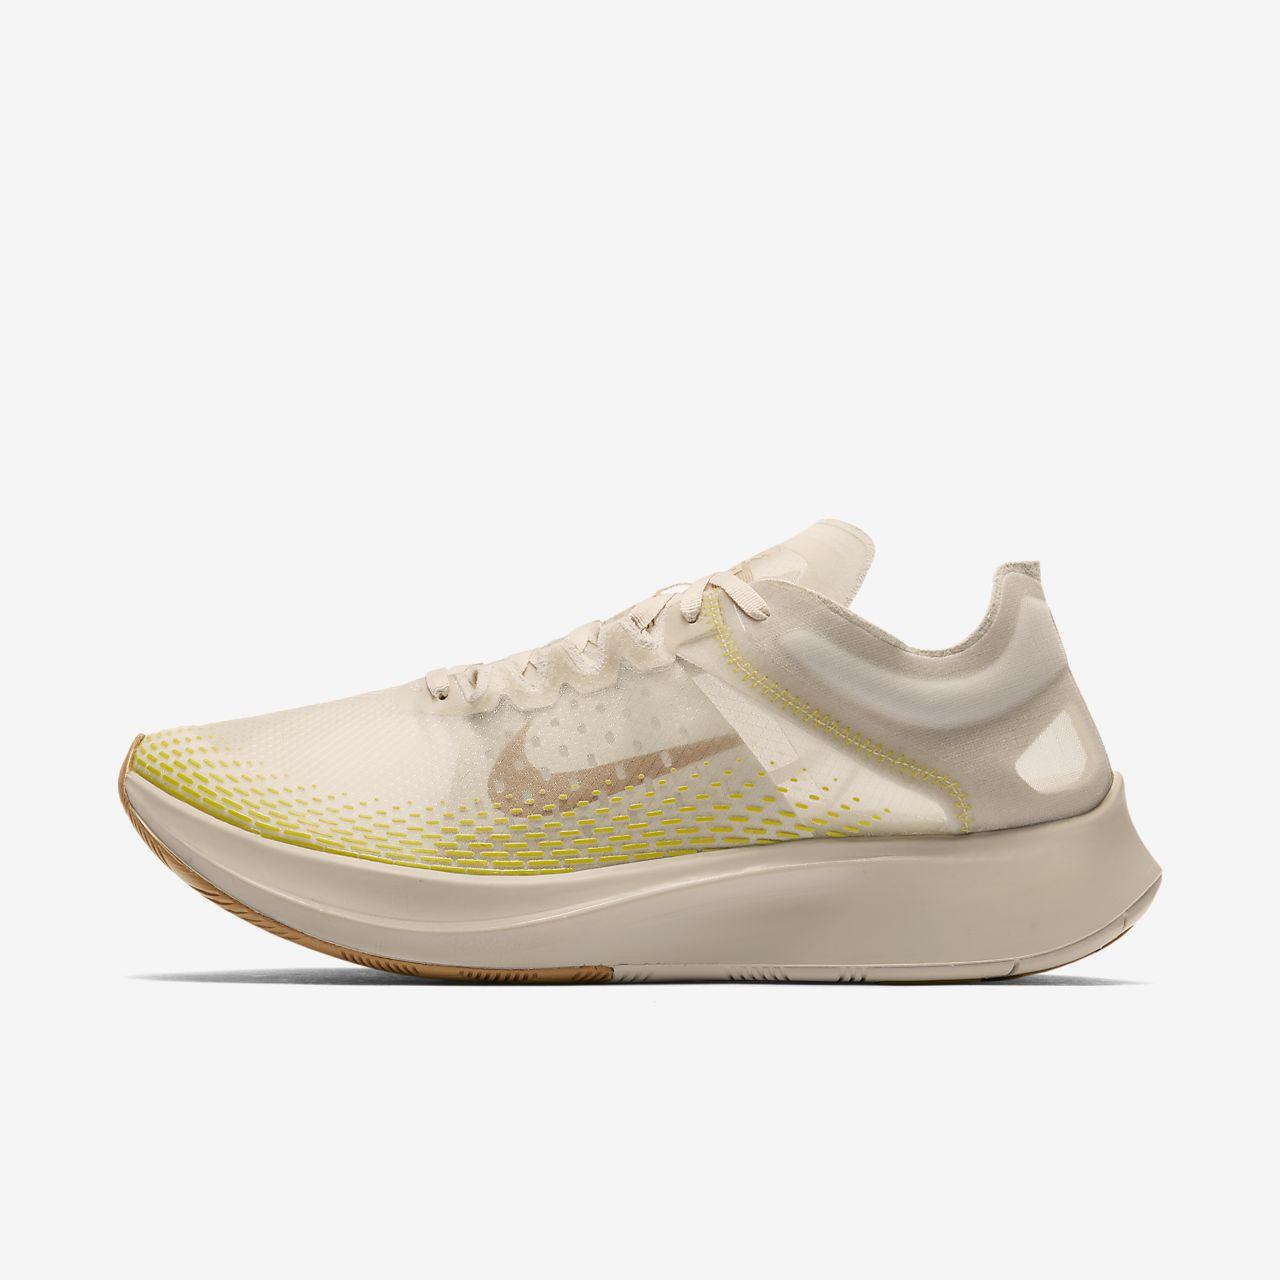 Buty do biegania Nike Zoom Fly SP Fast